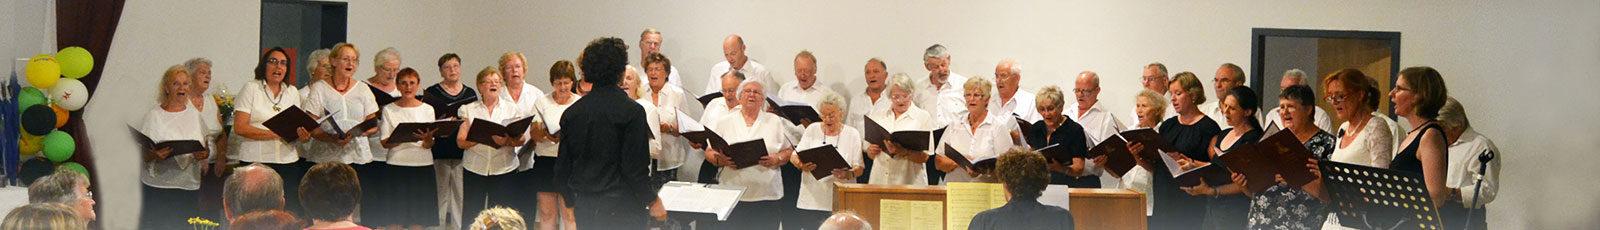 Liedertafel Freiburg Haslach